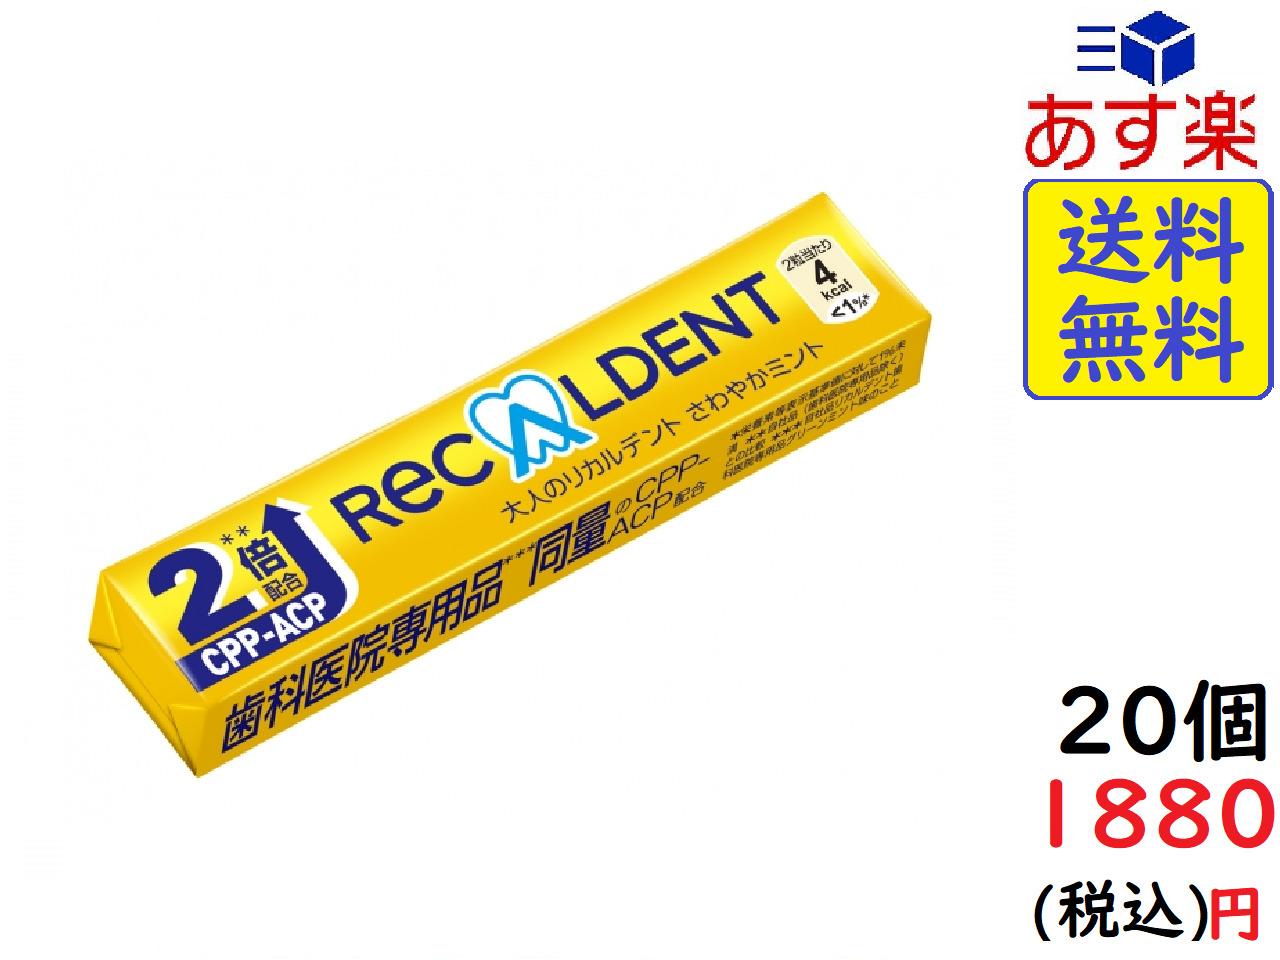 送料無料 あす楽対応 ポスト投函 モンデリーズ 捧呈 新着 ジャパン さわやかミント 14粒×20個 大人のリカルデント